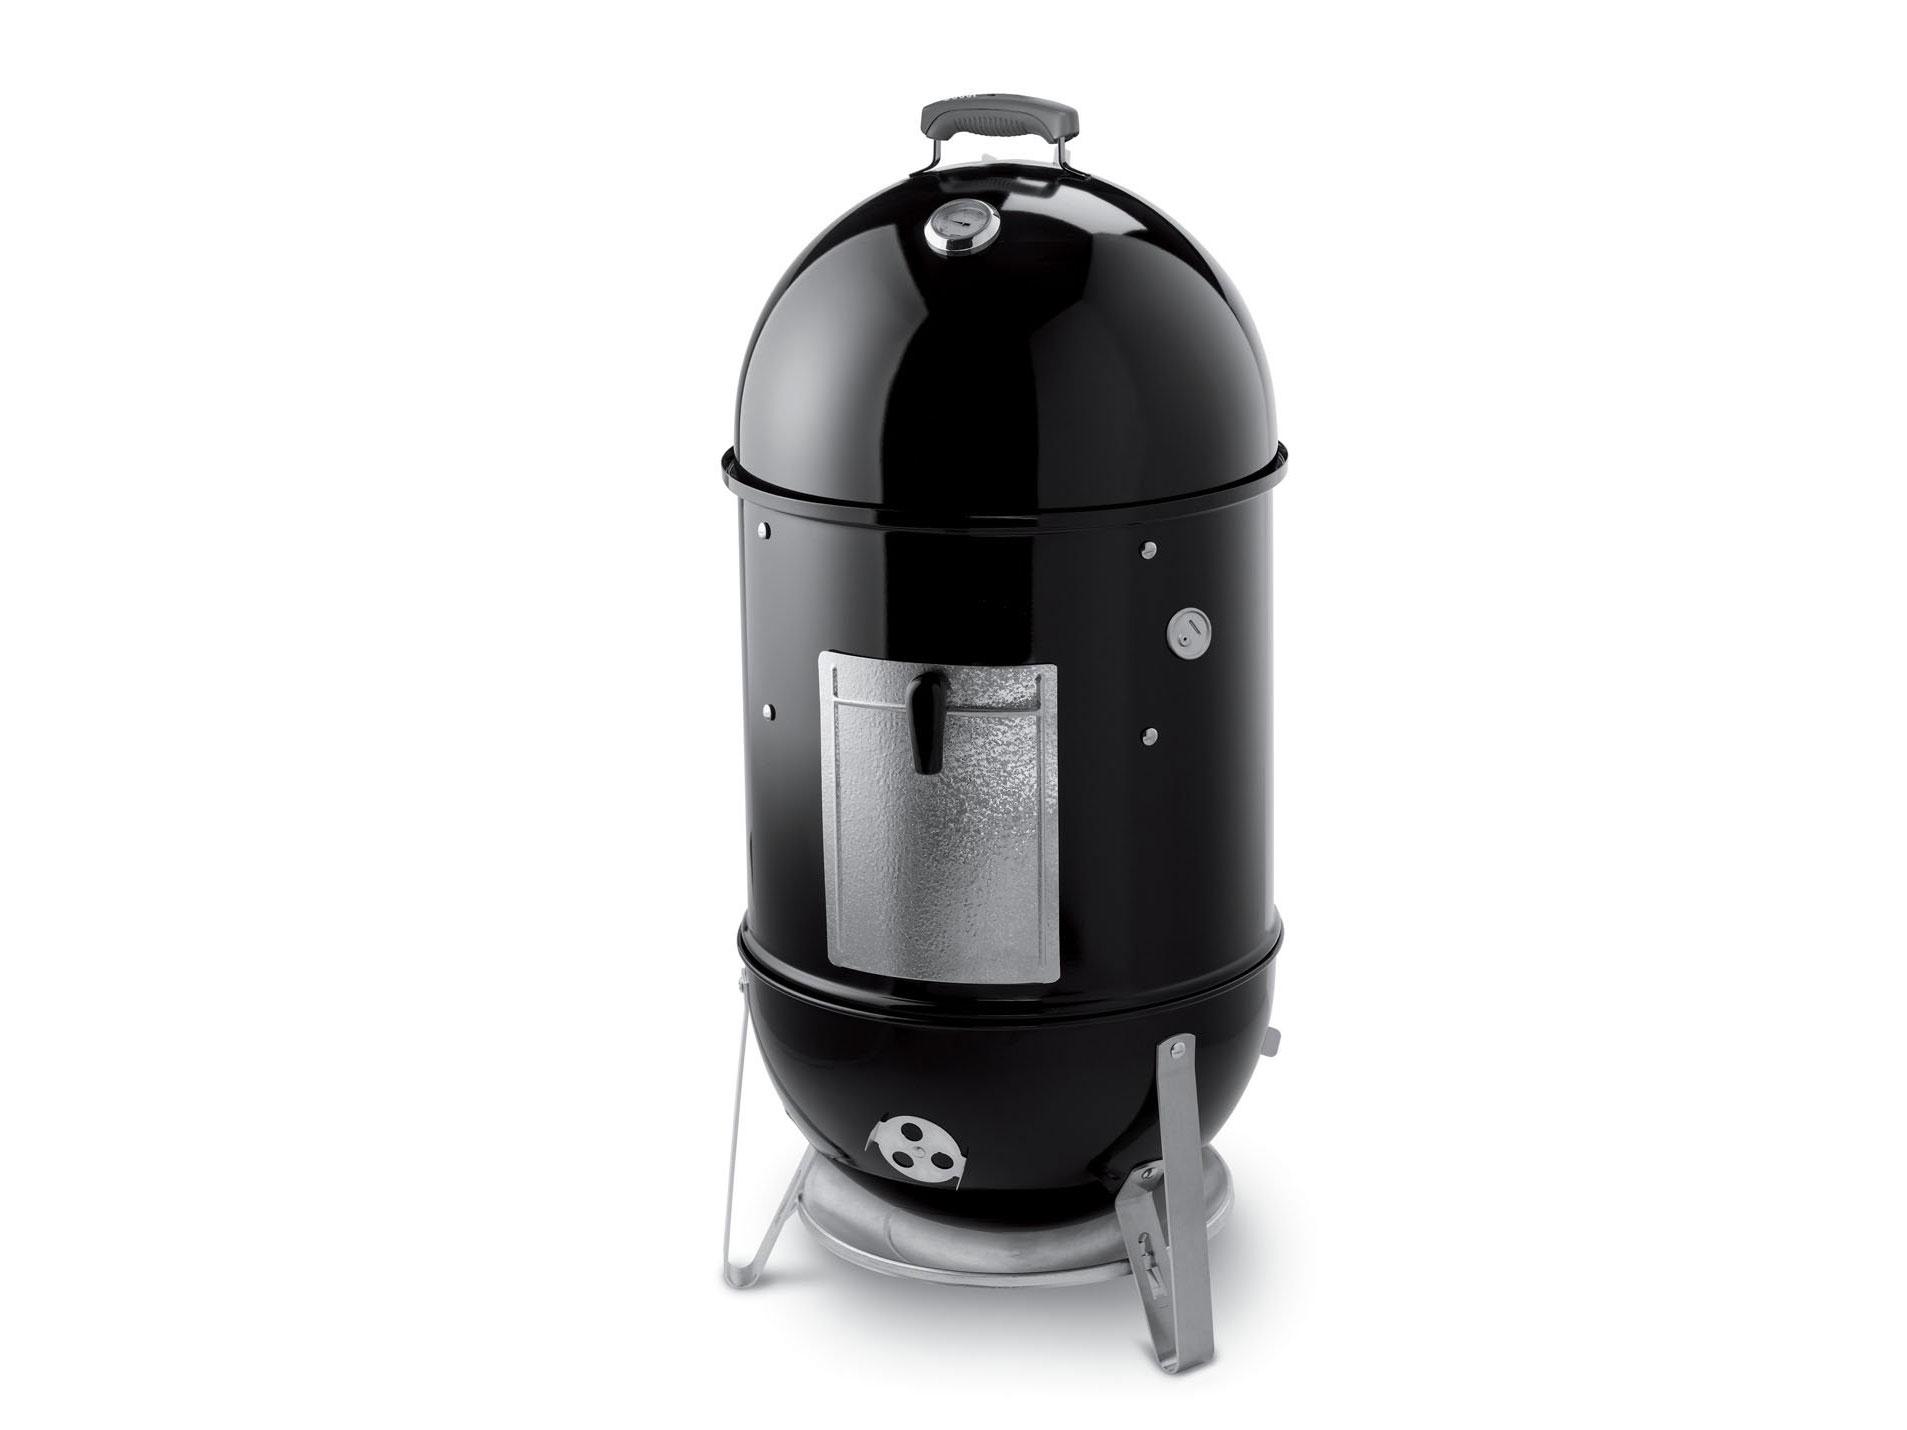 best grills weber smoker